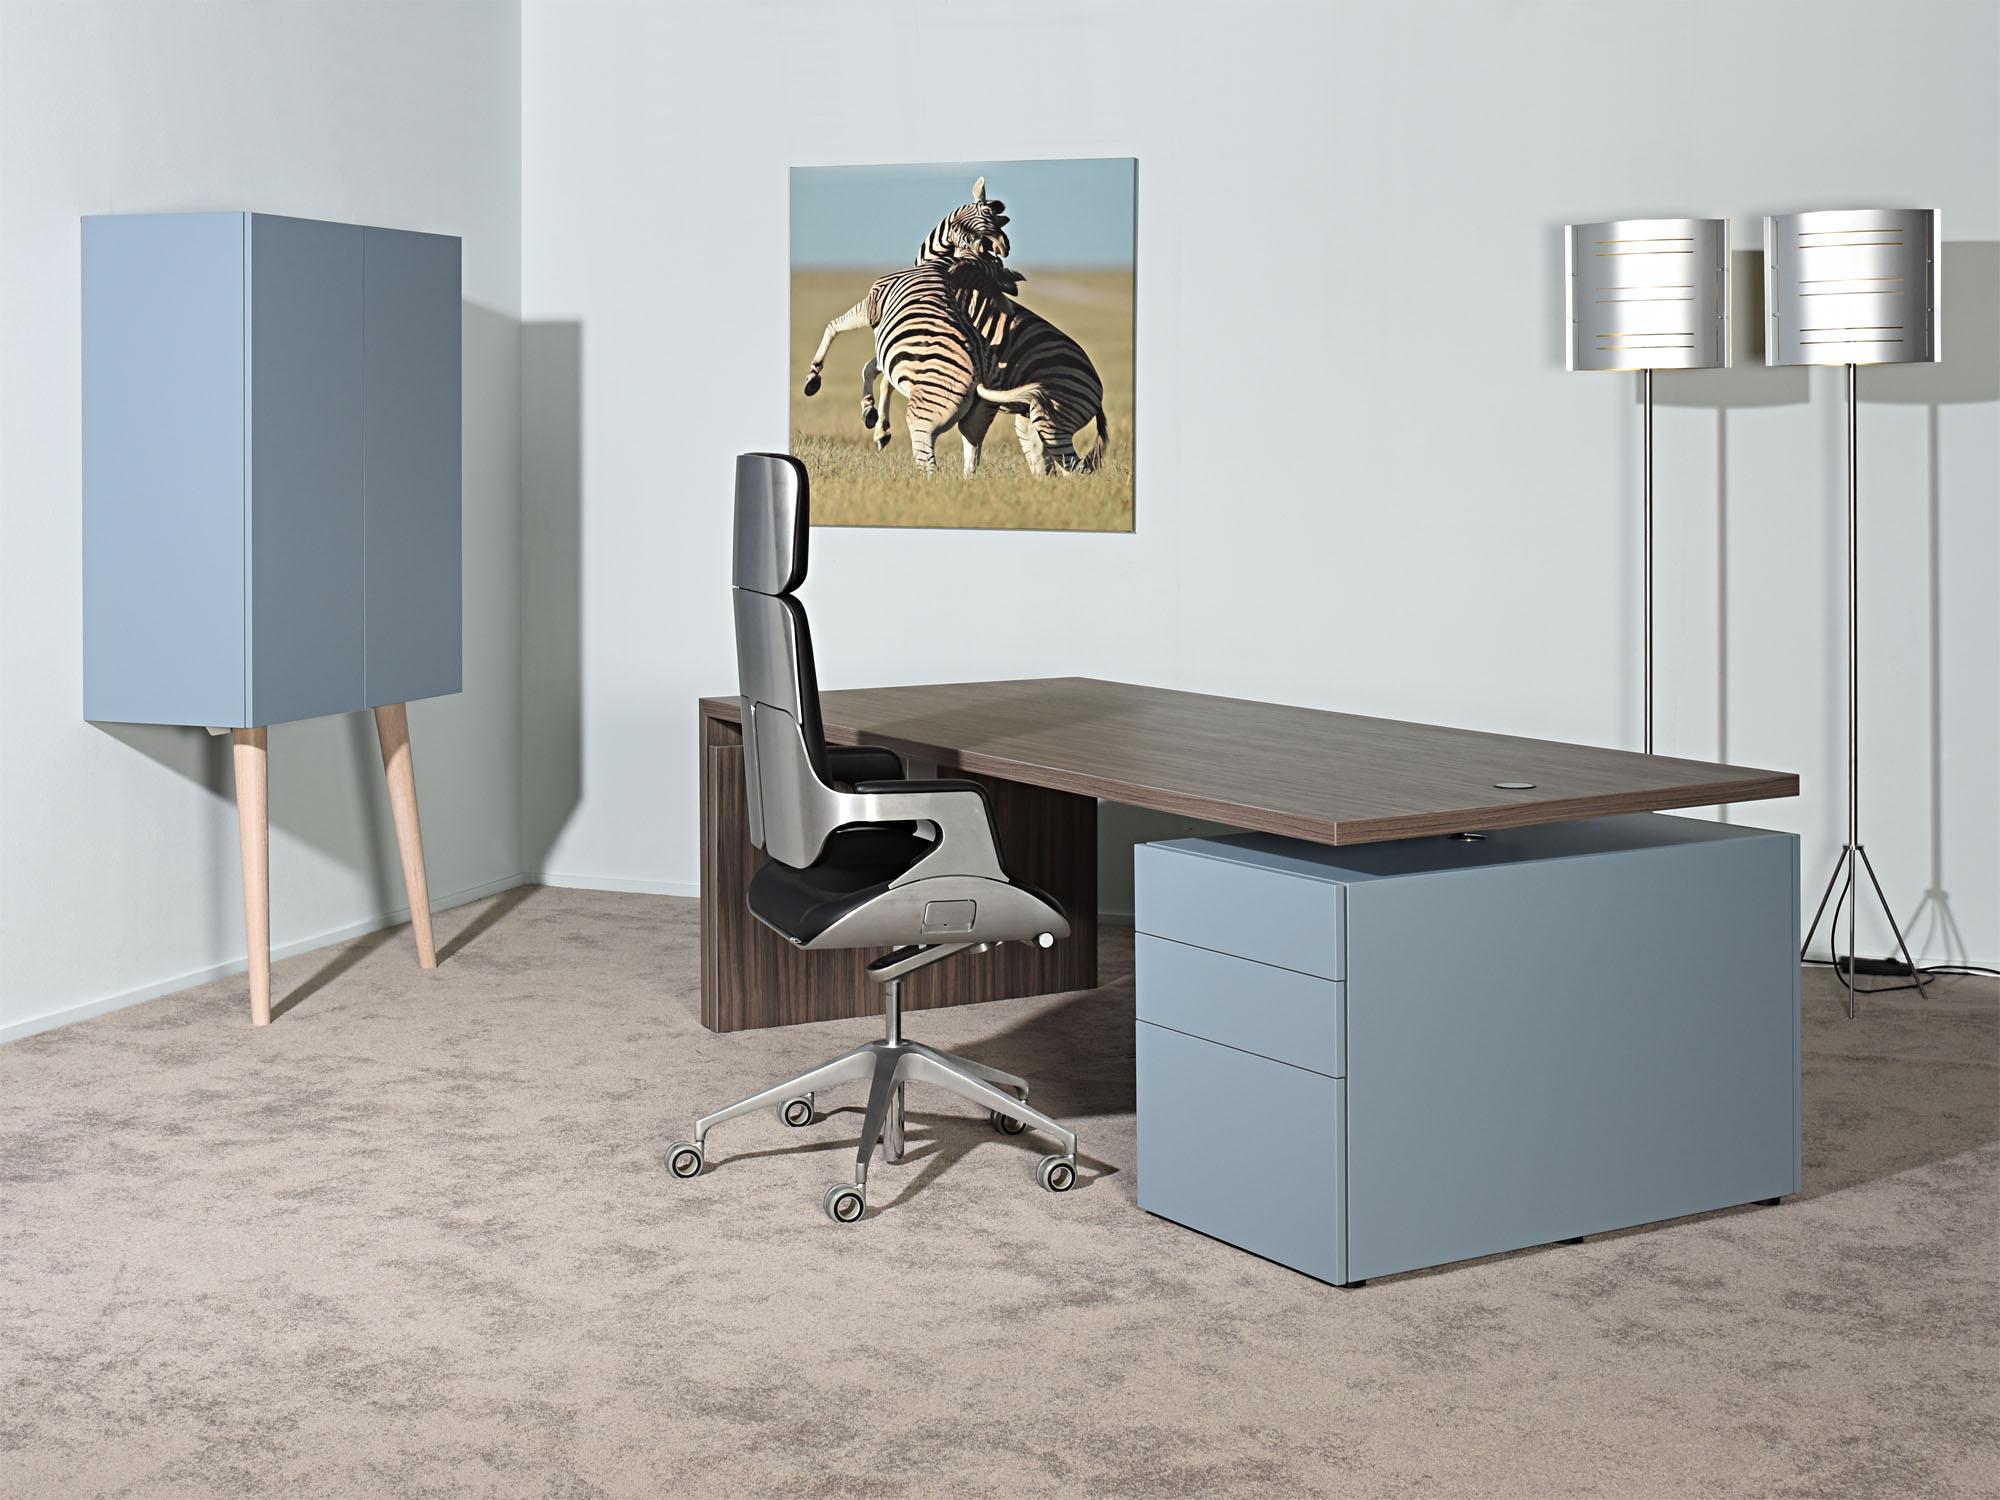 RP-leunkast en LVV-bureau, ontwerp door Coen Castelijn en Marieke Castelijn